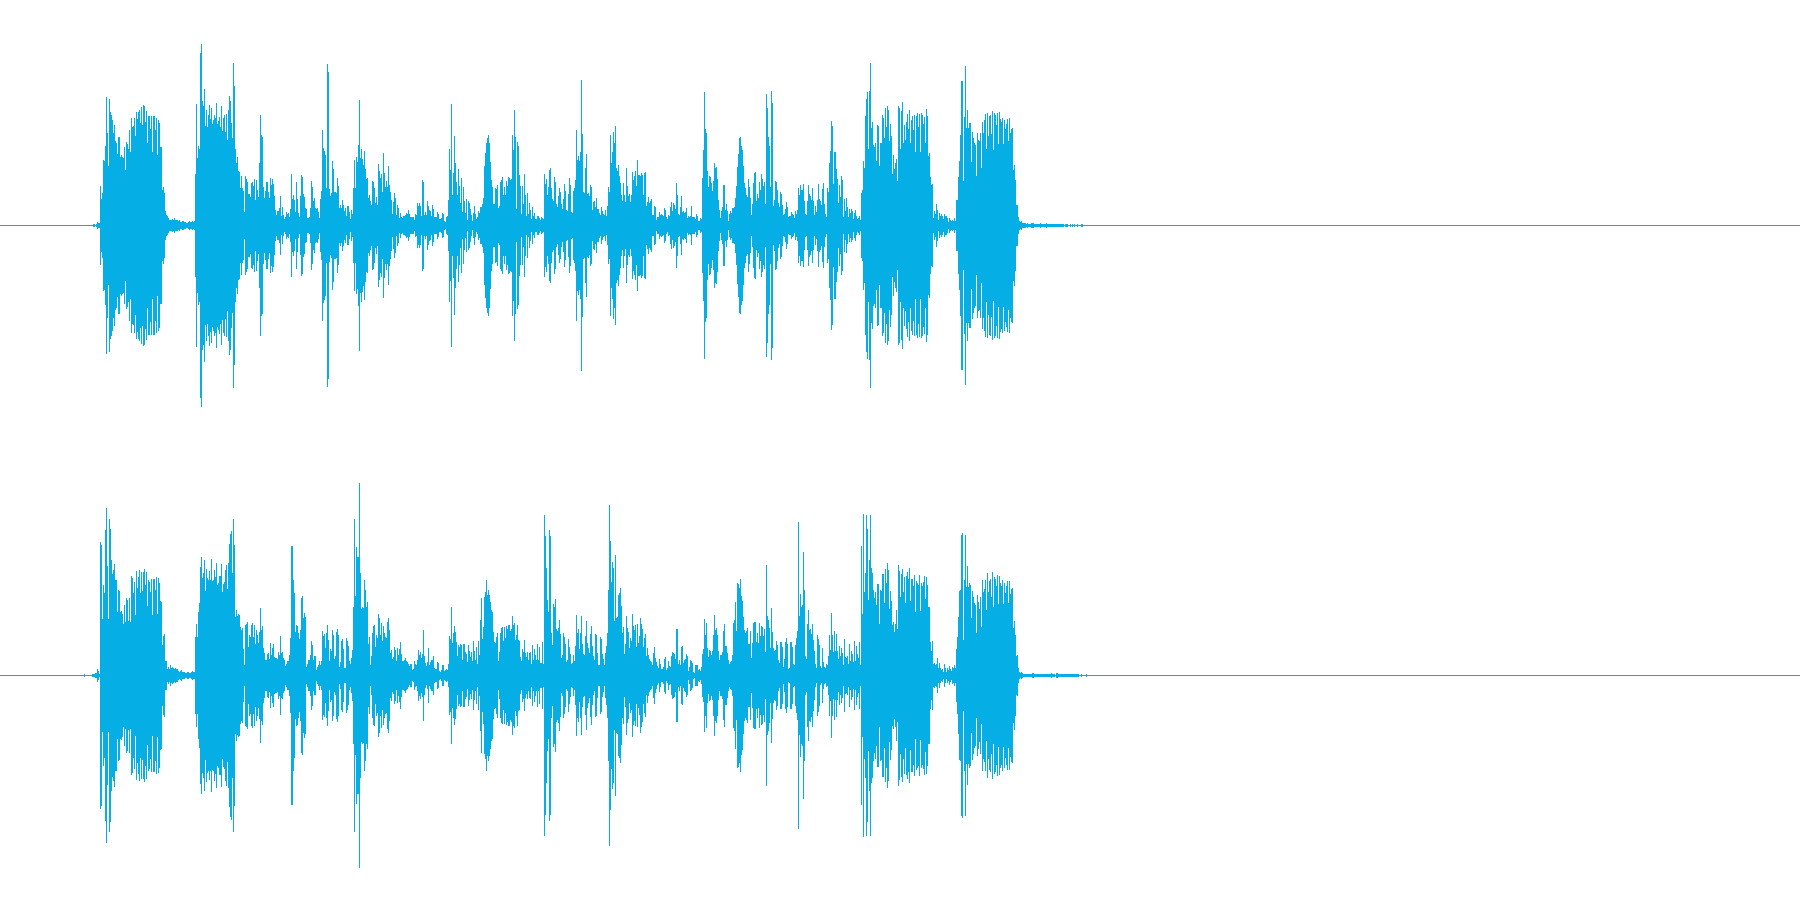 おしゃれで透明感のあるシンセサウンドの再生済みの波形